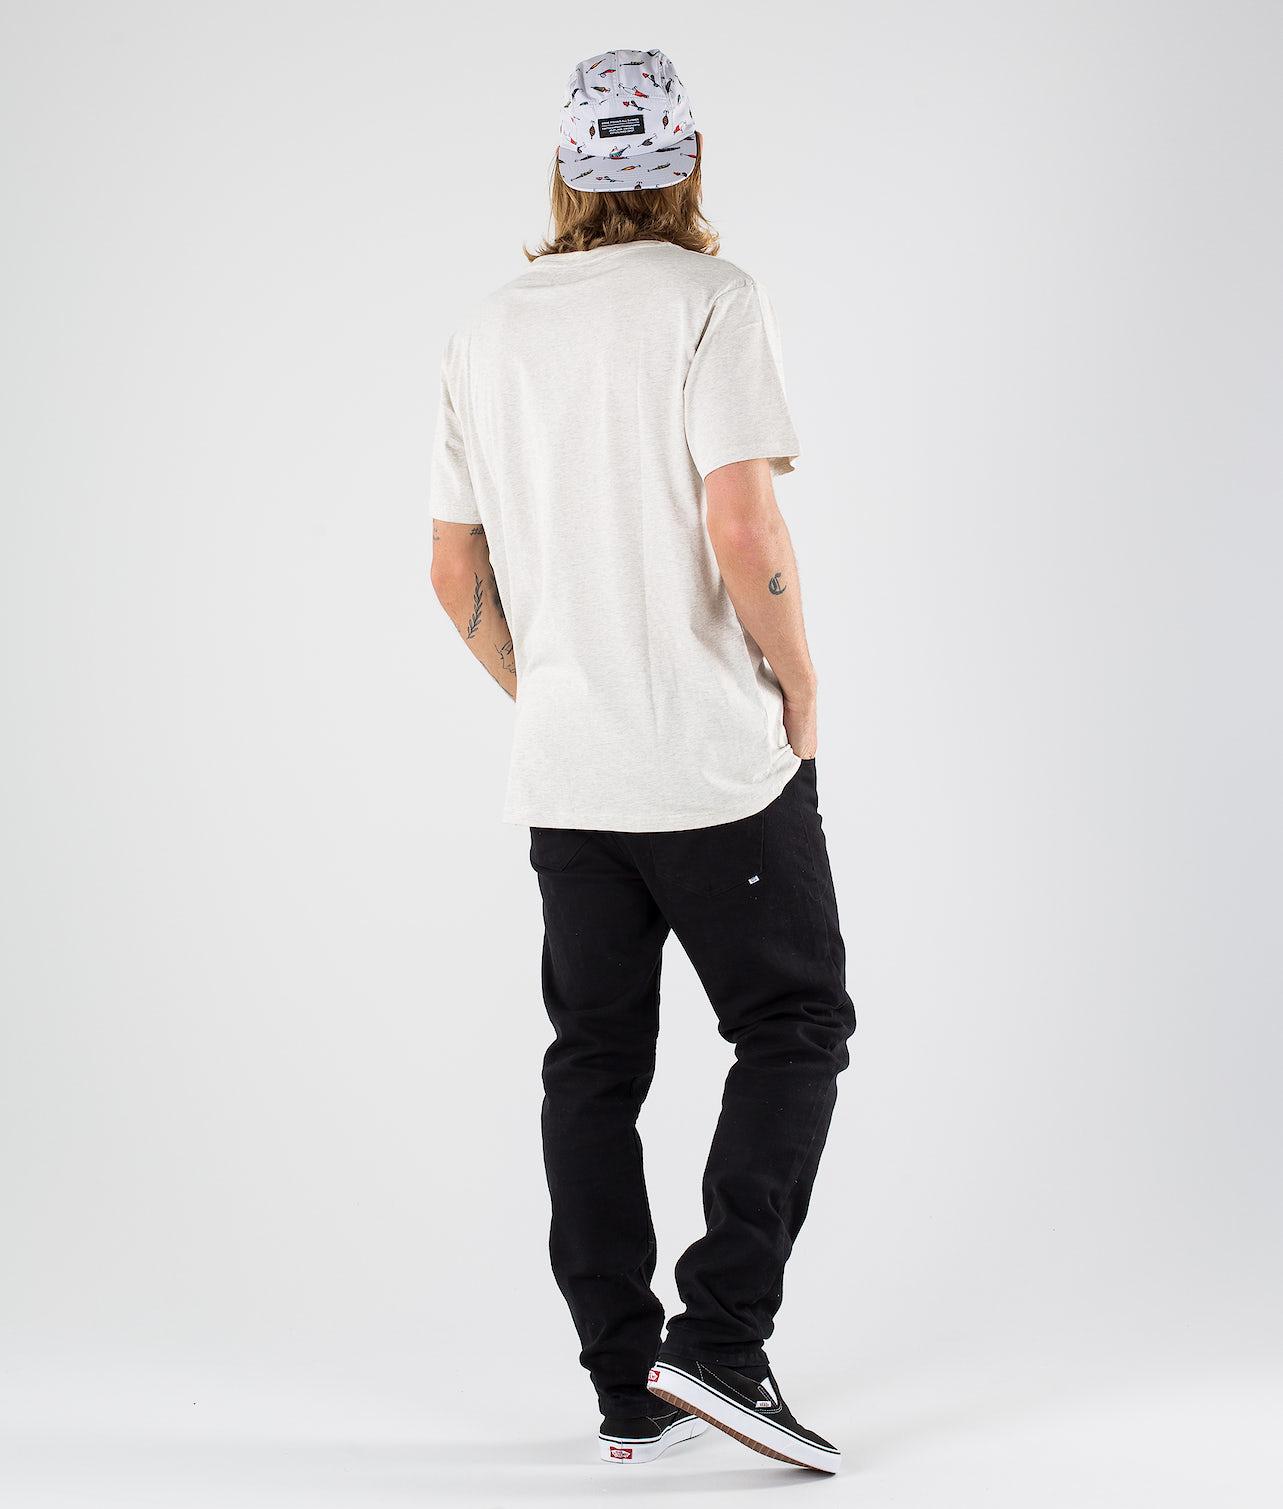 Kjøp Great Norrland T-shirt fra SQRTN på Ridestore.no - Hos oss har du alltid fri frakt, fri retur og 30 dagers åpent kjøp!